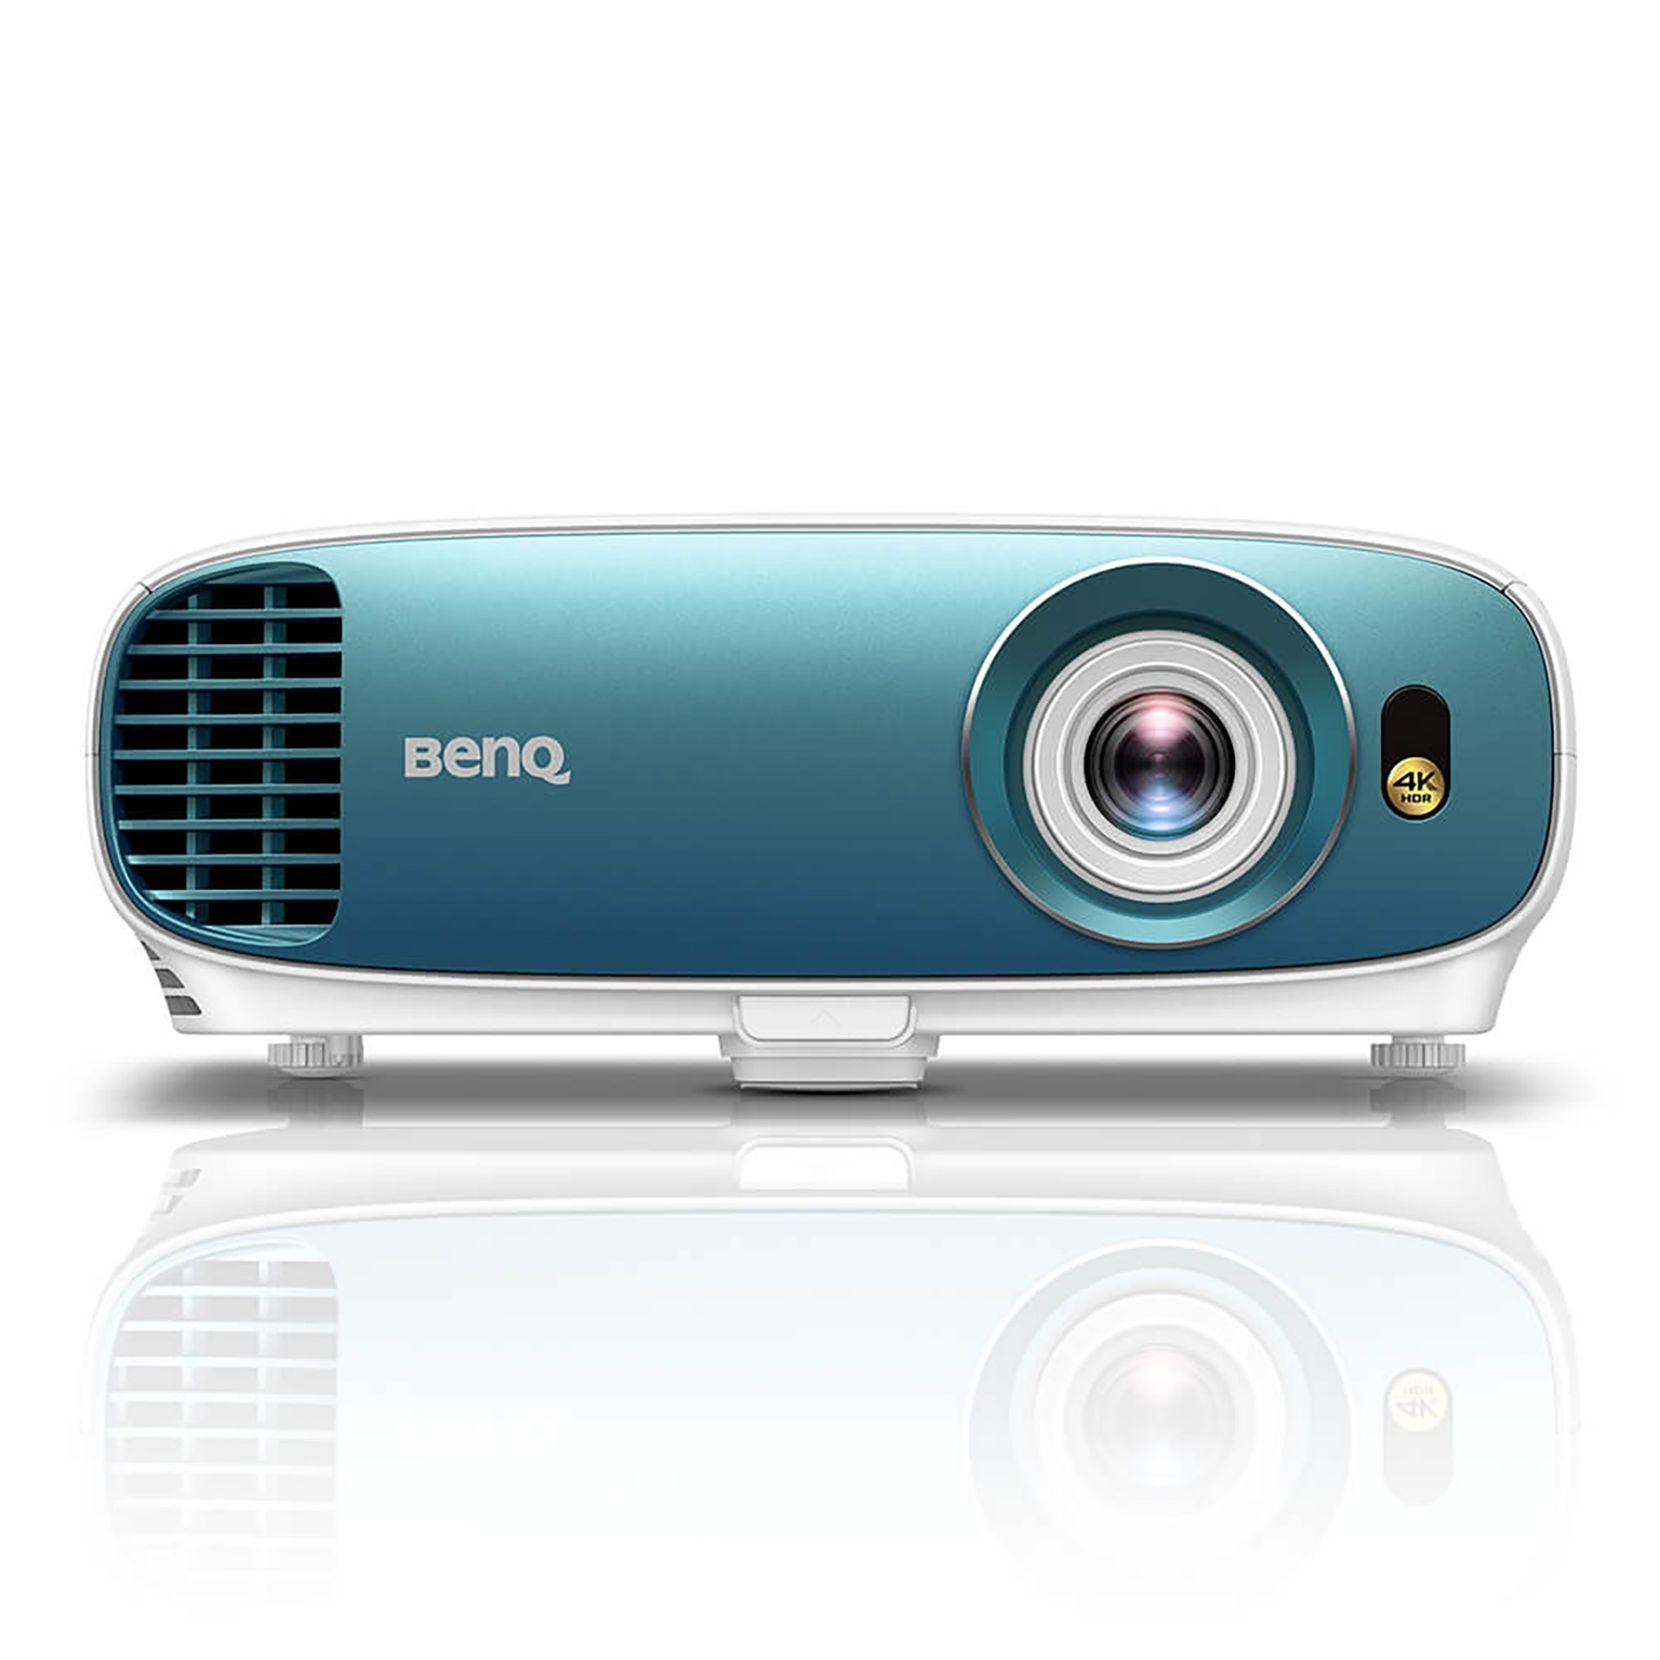 The Benq TK800 4K HDR projector has a signature blue front bezel.